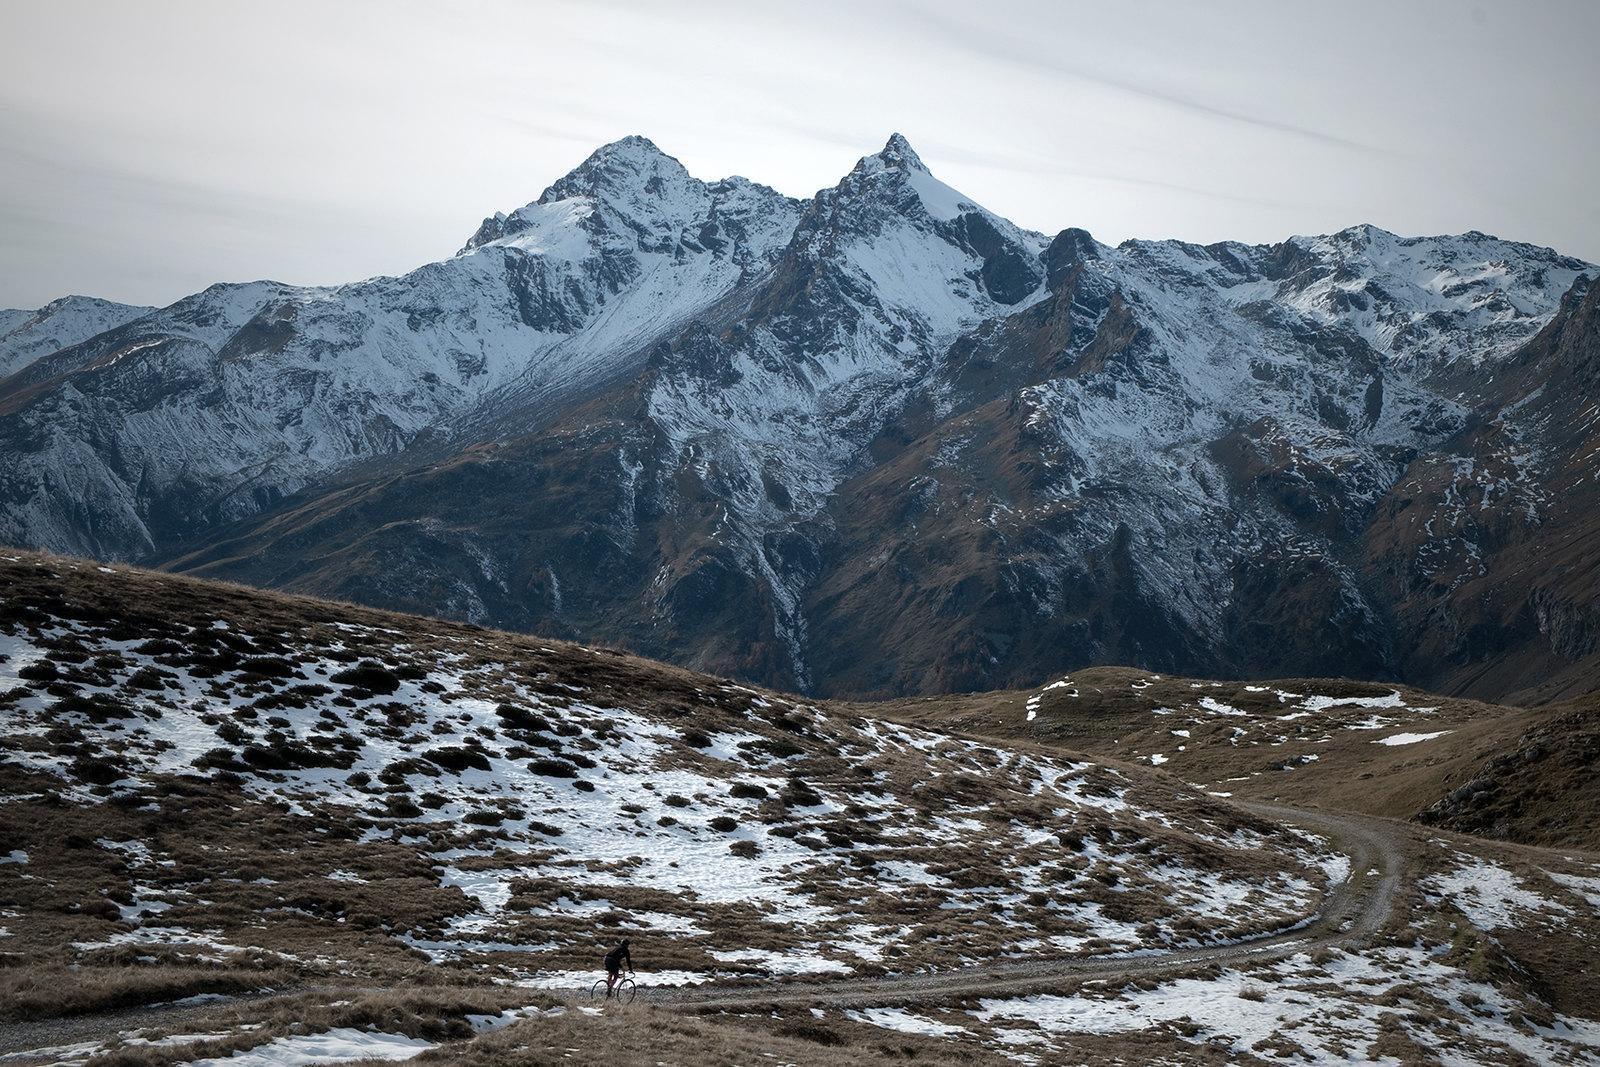 Sacro Macello di Valtellina 2015